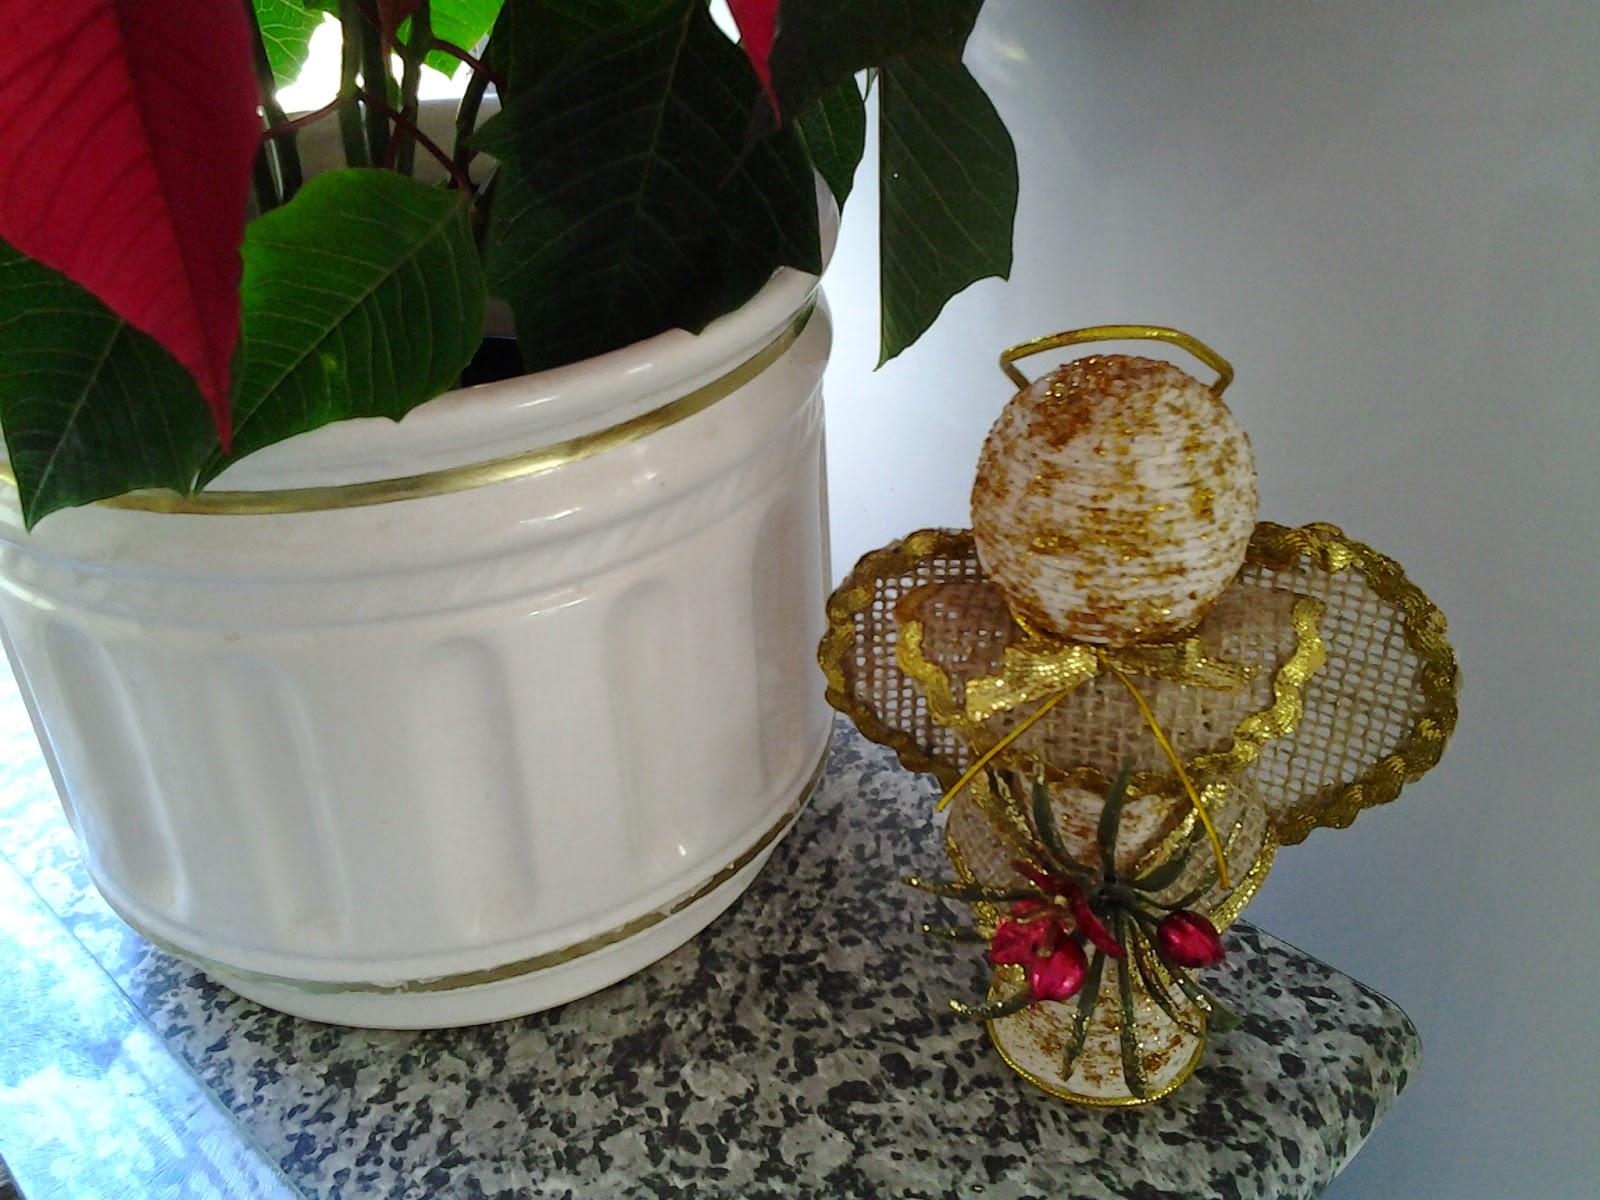 http://meukantinhodaarte.blogspot.com.br